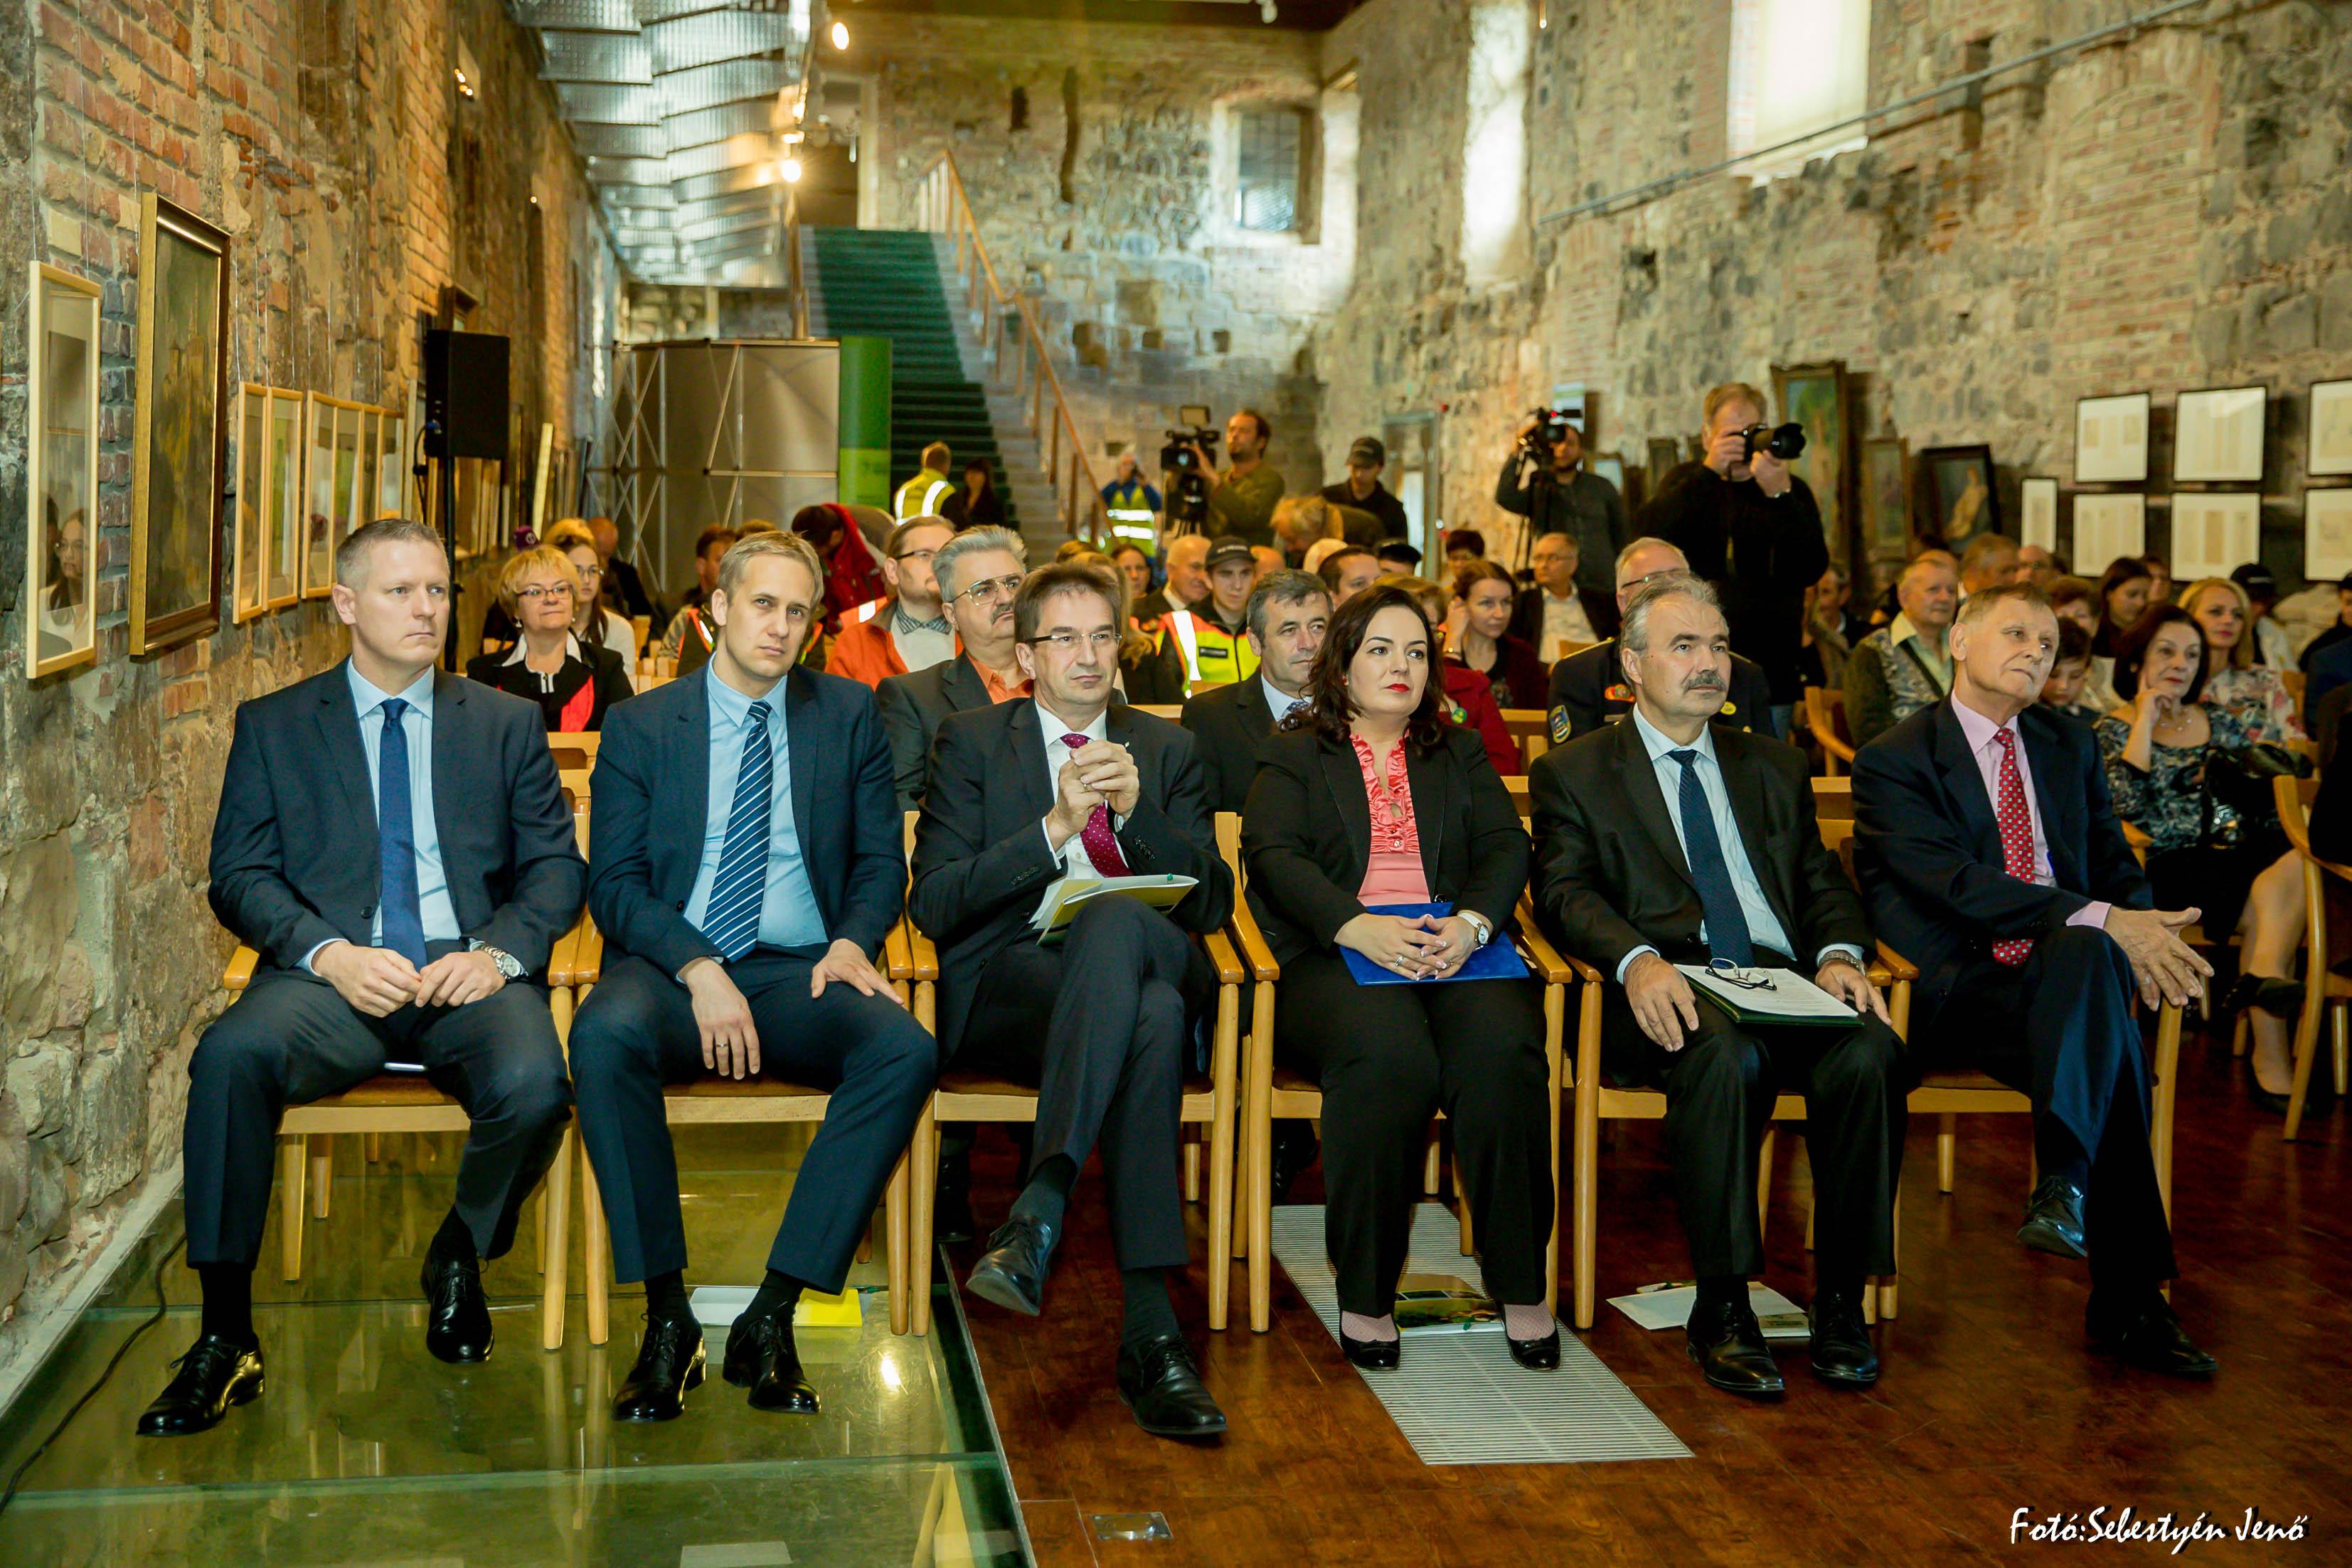 Környezetvédelmi konferencia Esztergomban - Sebestyén Jenő fotója